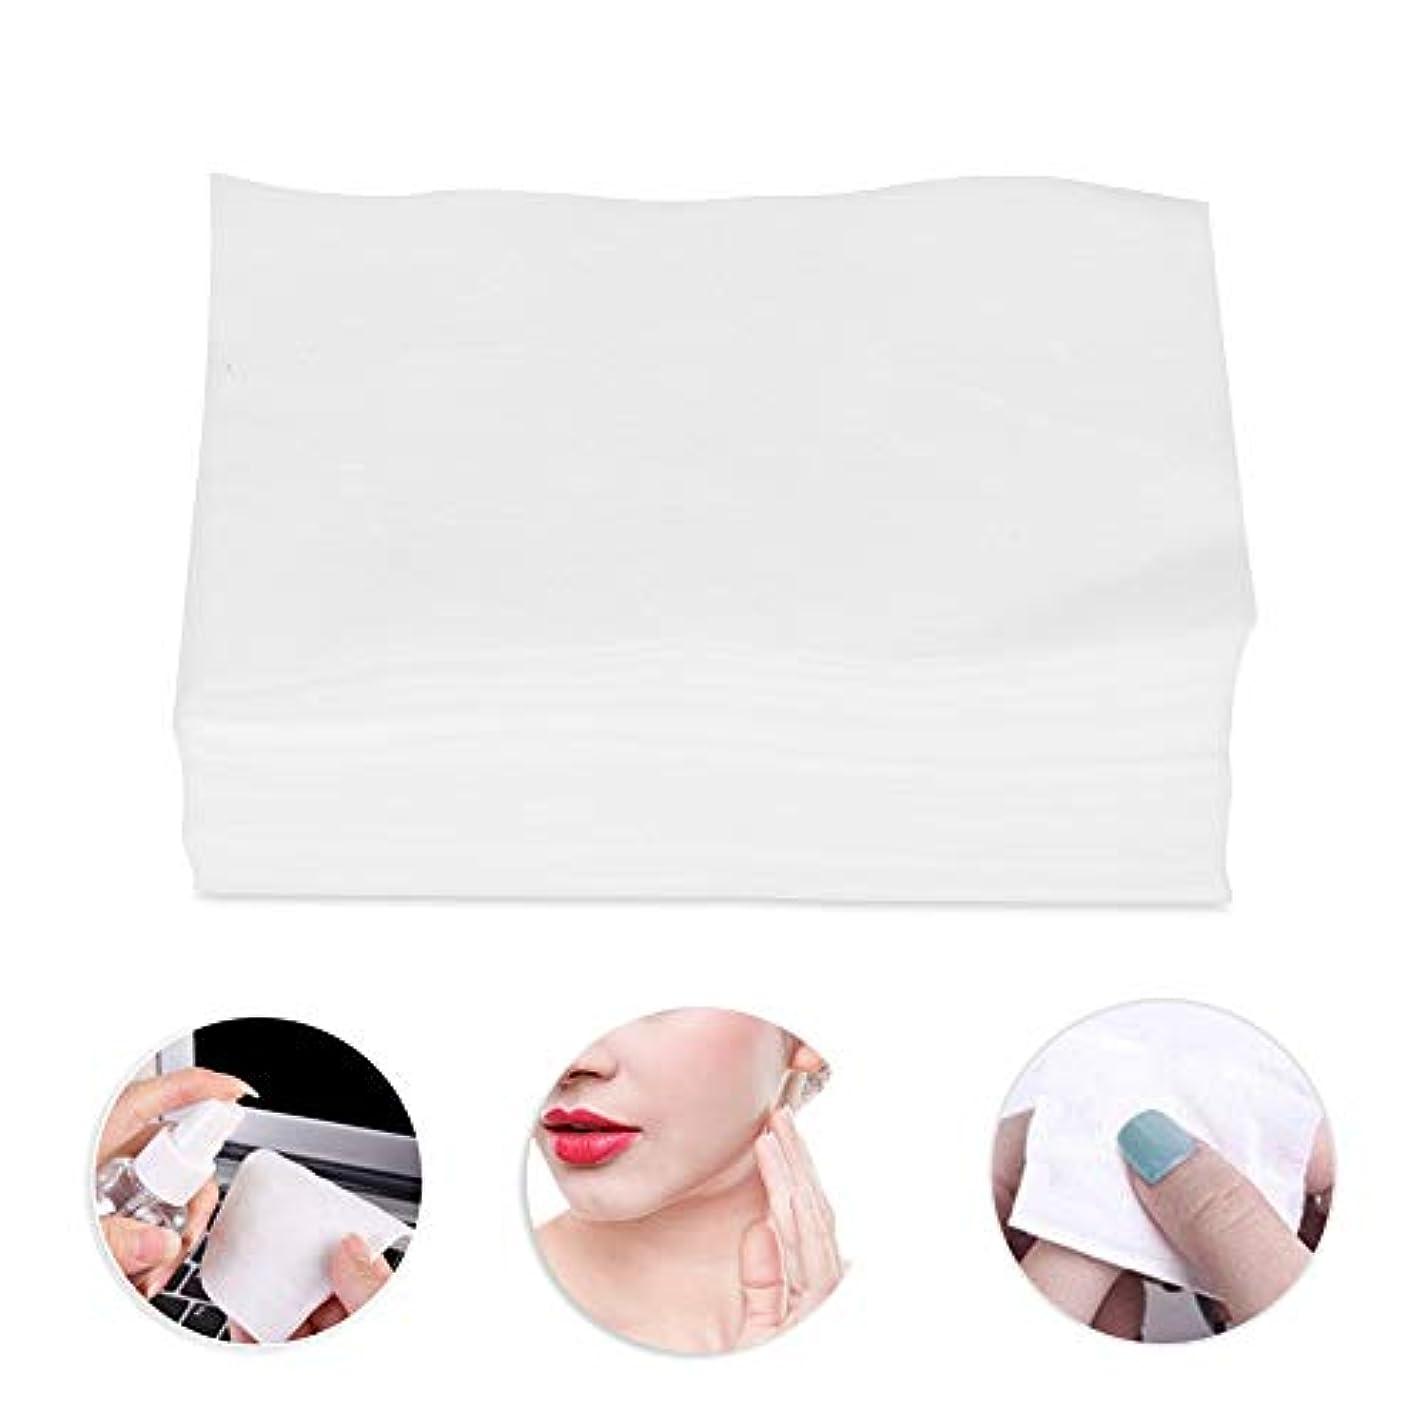 寝室を掃除する思い出させるアプト100枚 ボックス メイク コットン パッド化粧品リムーバーソフトスキンケアクリーニングワイプ